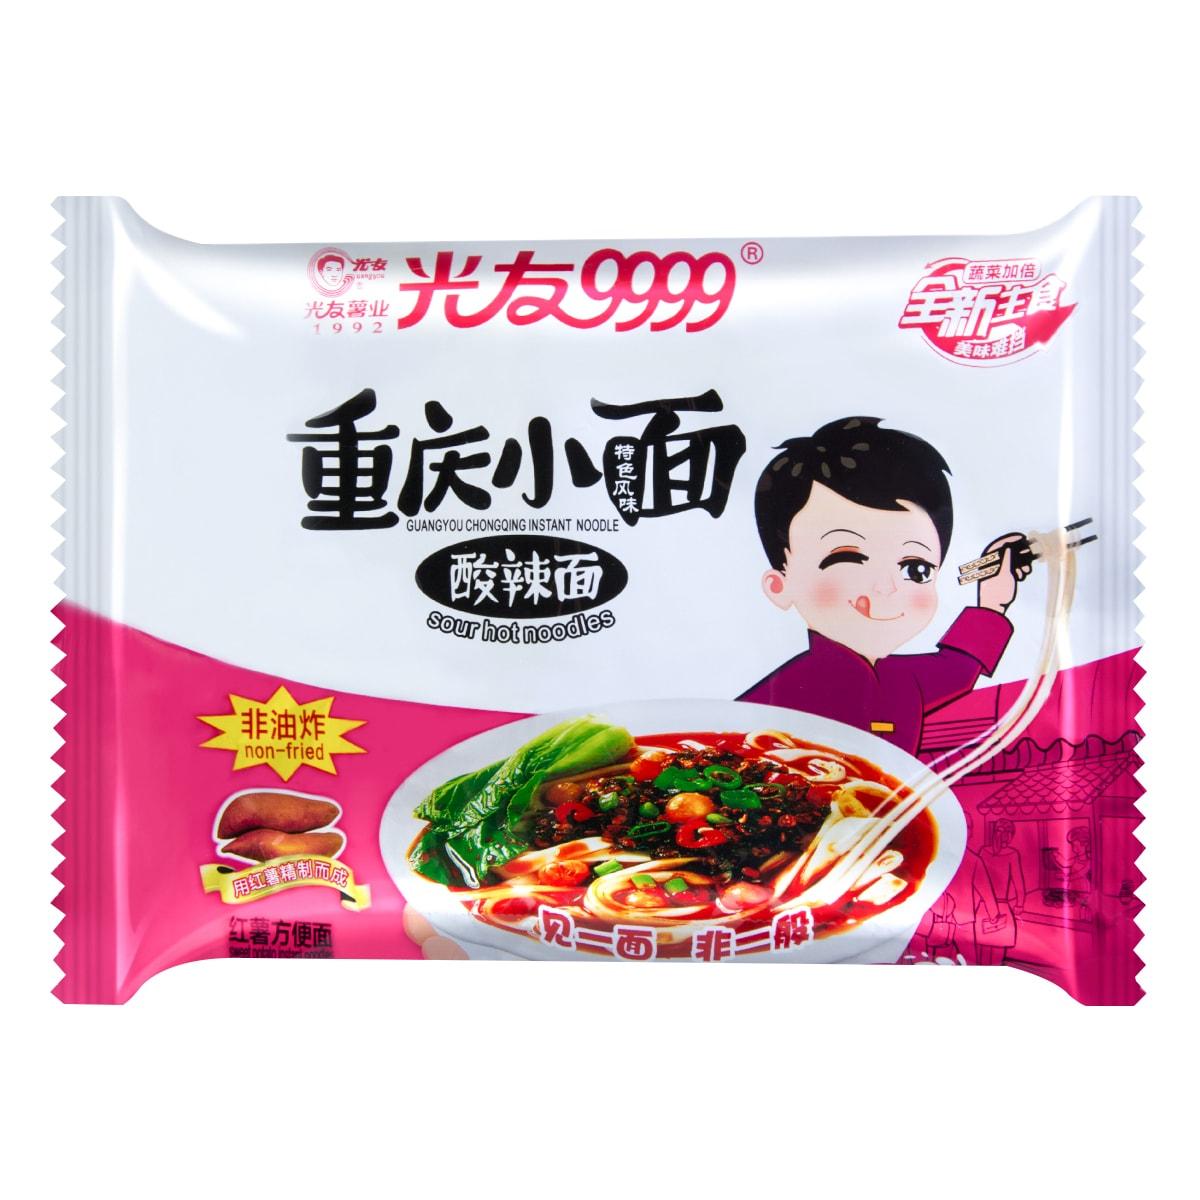 光友 重庆小面 非油炸红薯方便面 酸辣面 110g